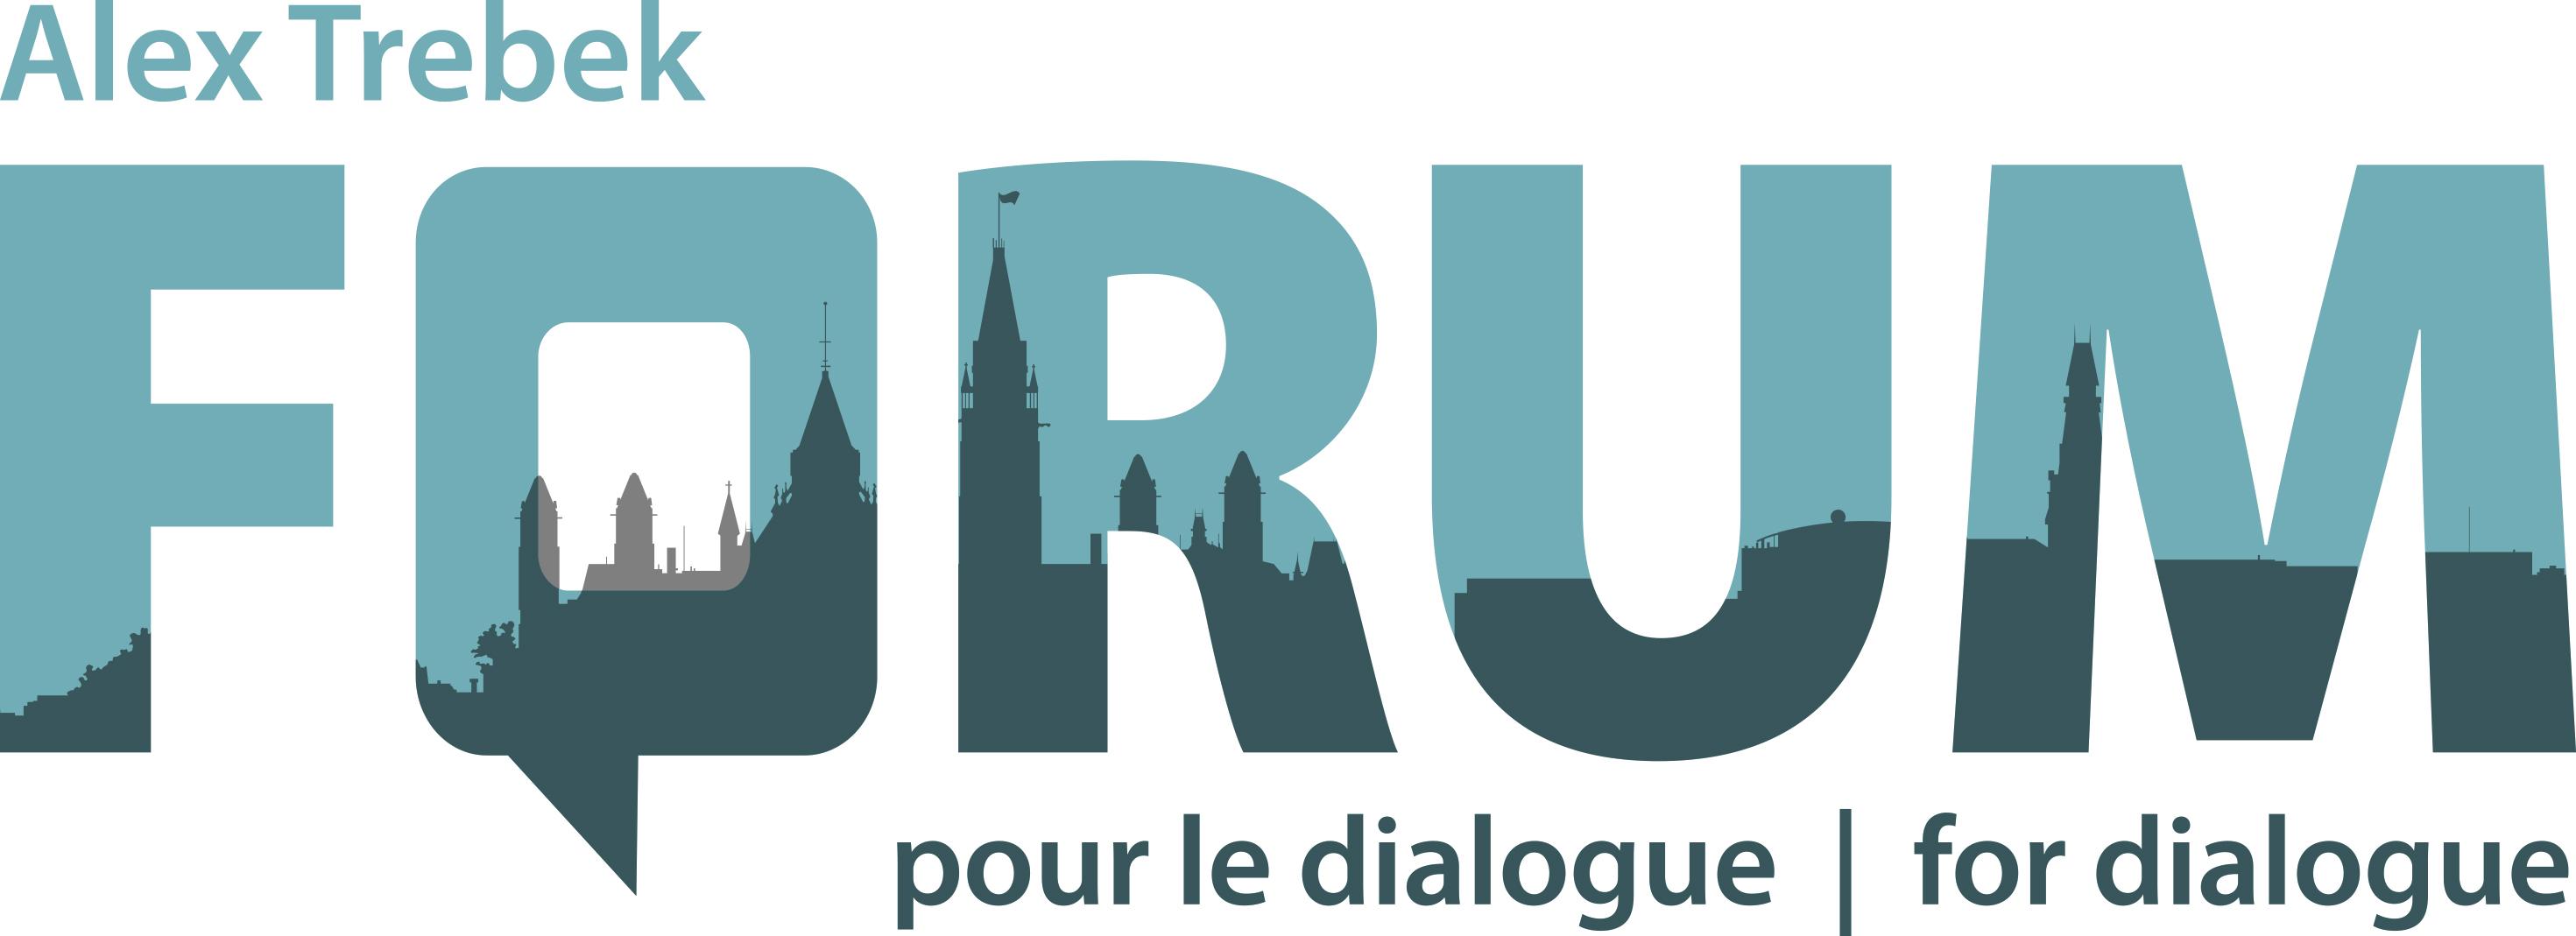 Alex Trebek Forum for Dialogue Logo